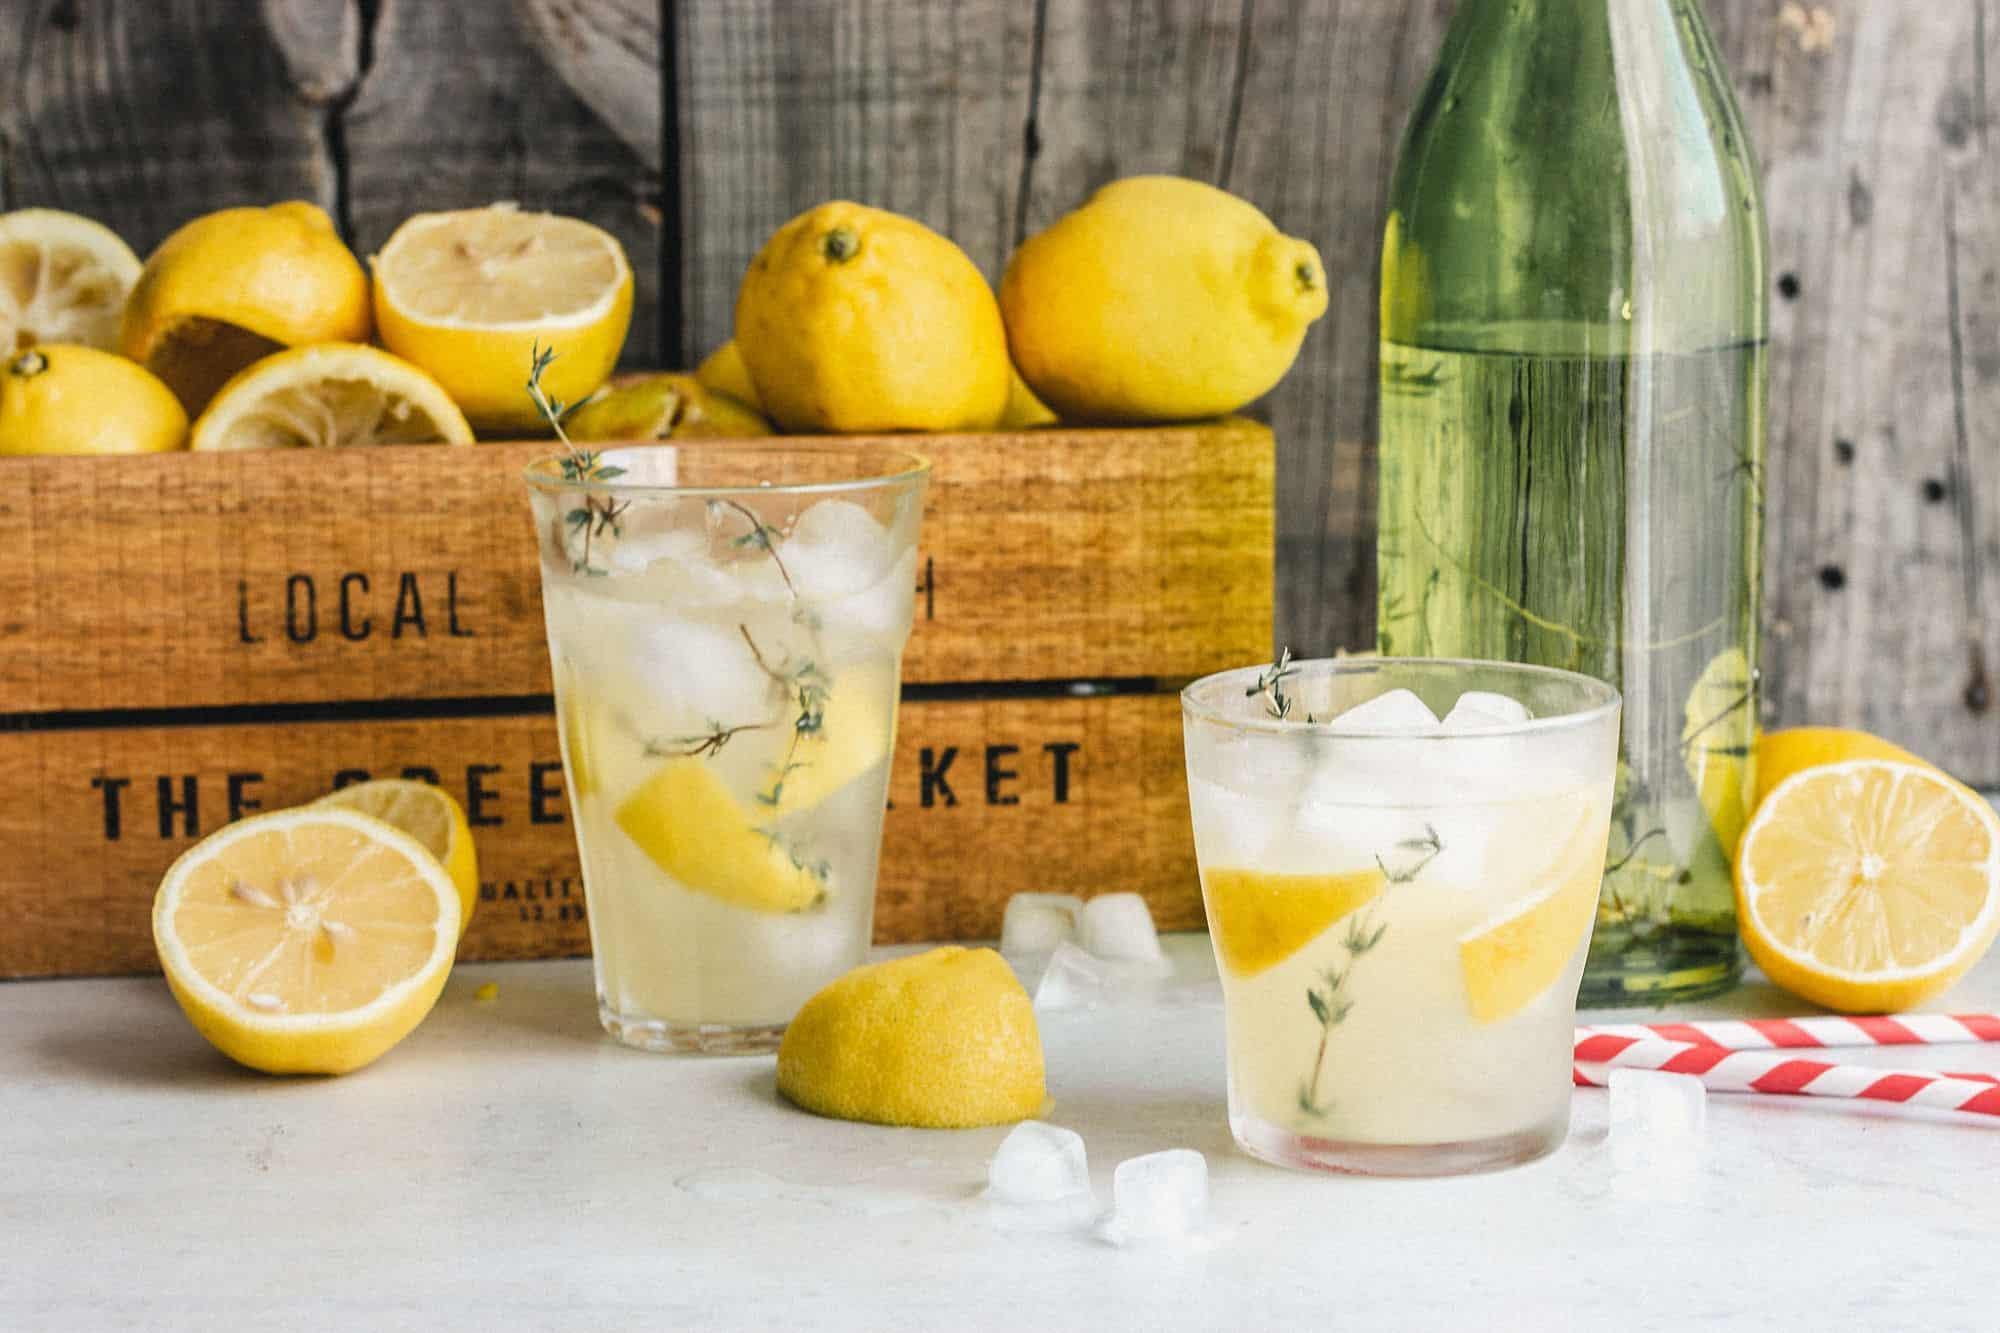 Deux verres de limonade devant un petit récipient en bois de citrons